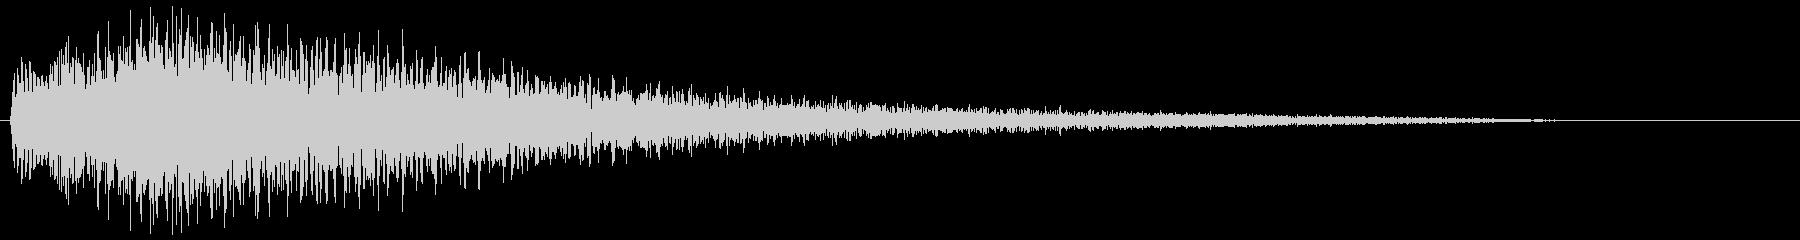 【ピアノ生演奏】少し明るいジングルの未再生の波形